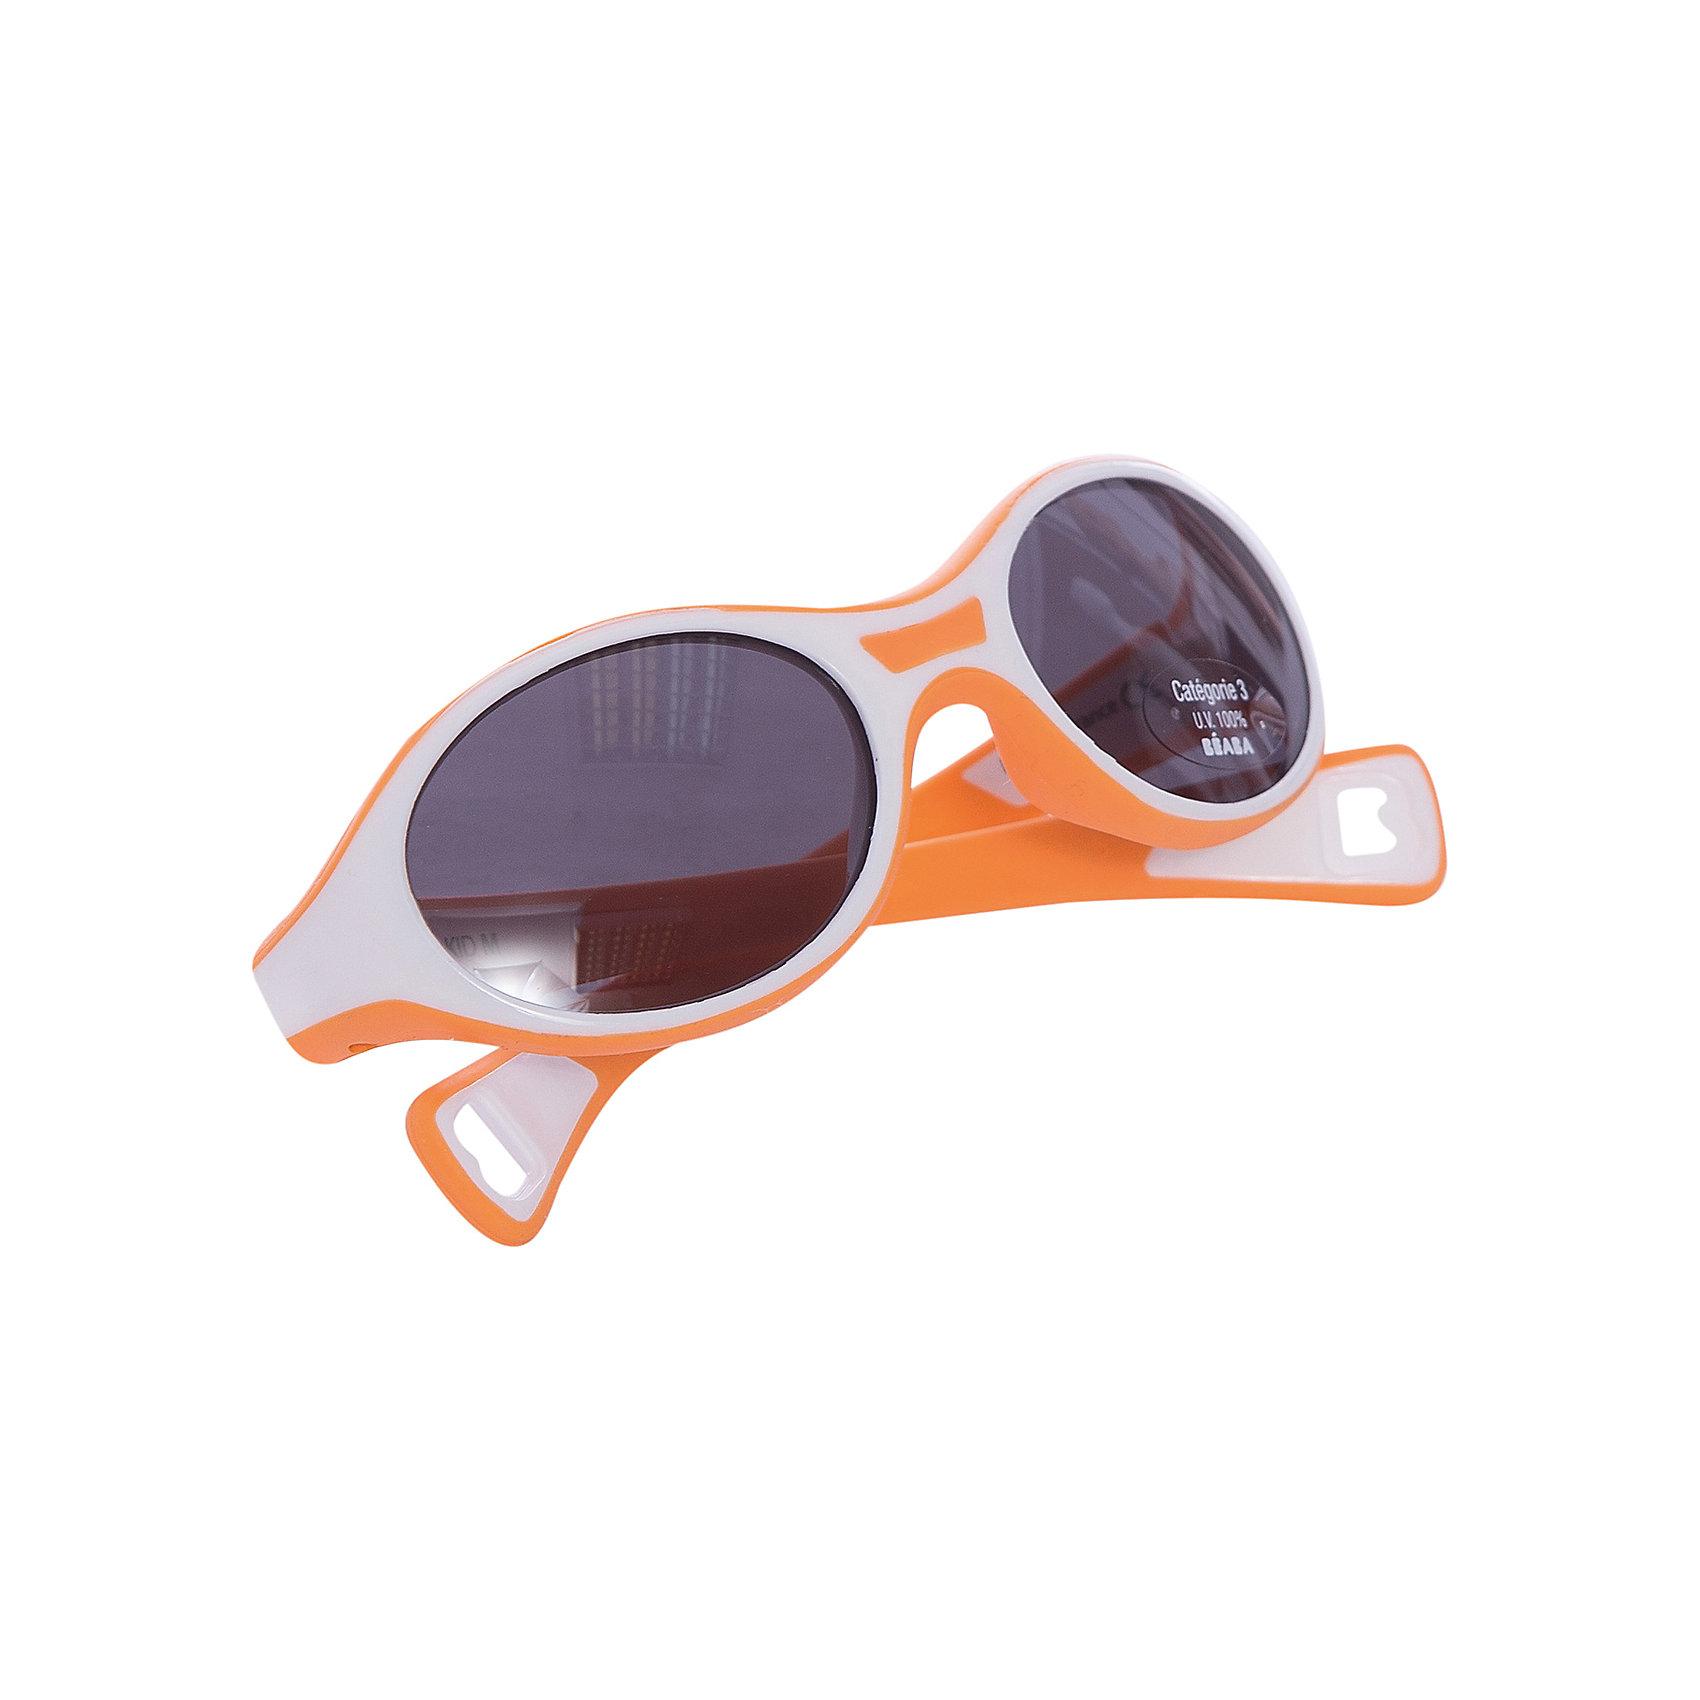 Солнцезащитные очки Sungalesses Baby 360°, р-р М, Beaba, оранжевыйСолнцезащитные очки<br>Французская пластиковая долина: Ойонна : <br>Настоящее ноу-хау для Франции и всего мира<br>Специализированная экспертиза. Весомые аргументы для наших покупателей: <br>Дизайн, пресс-формы, и сборка – всё делается во Франции<br>Неоспоримое конкурентное преимущество над другими очками<br>Гарантия качества в мире оптики<br>Множество сертификатов. Соответствие стандартам очков ISO 12311-1   ISO 12312-1 (стандарты 2015)<br>Гибкий каркас из полипропилена и ABS <br>Короткие дужки для удержания очков в сидячей коляске.Категория 3 : сильная защита, затемнённые линзы, подходящие для отдыха на море и в горах. Новое направление стратегии B?aba : <br>Использование линз 3-й категории в наших очках (за исключением малышей с очень чувствительными глазами)<br>Стёкла пропускают 27-30% света ? дети наконец-то не пытаются снять очки ! <br>100% защита от УФ-лучей <br>Реальное конкурентное преимущество – настоящее ноу-хау благодаря техническим аспектам.<br><br>Ширина мм: 150<br>Глубина мм: 40<br>Высота мм: 80<br>Вес г: 40<br>Возраст от месяцев: 12<br>Возраст до месяцев: 24<br>Пол: Унисекс<br>Возраст: Детский<br>SKU: 5543595